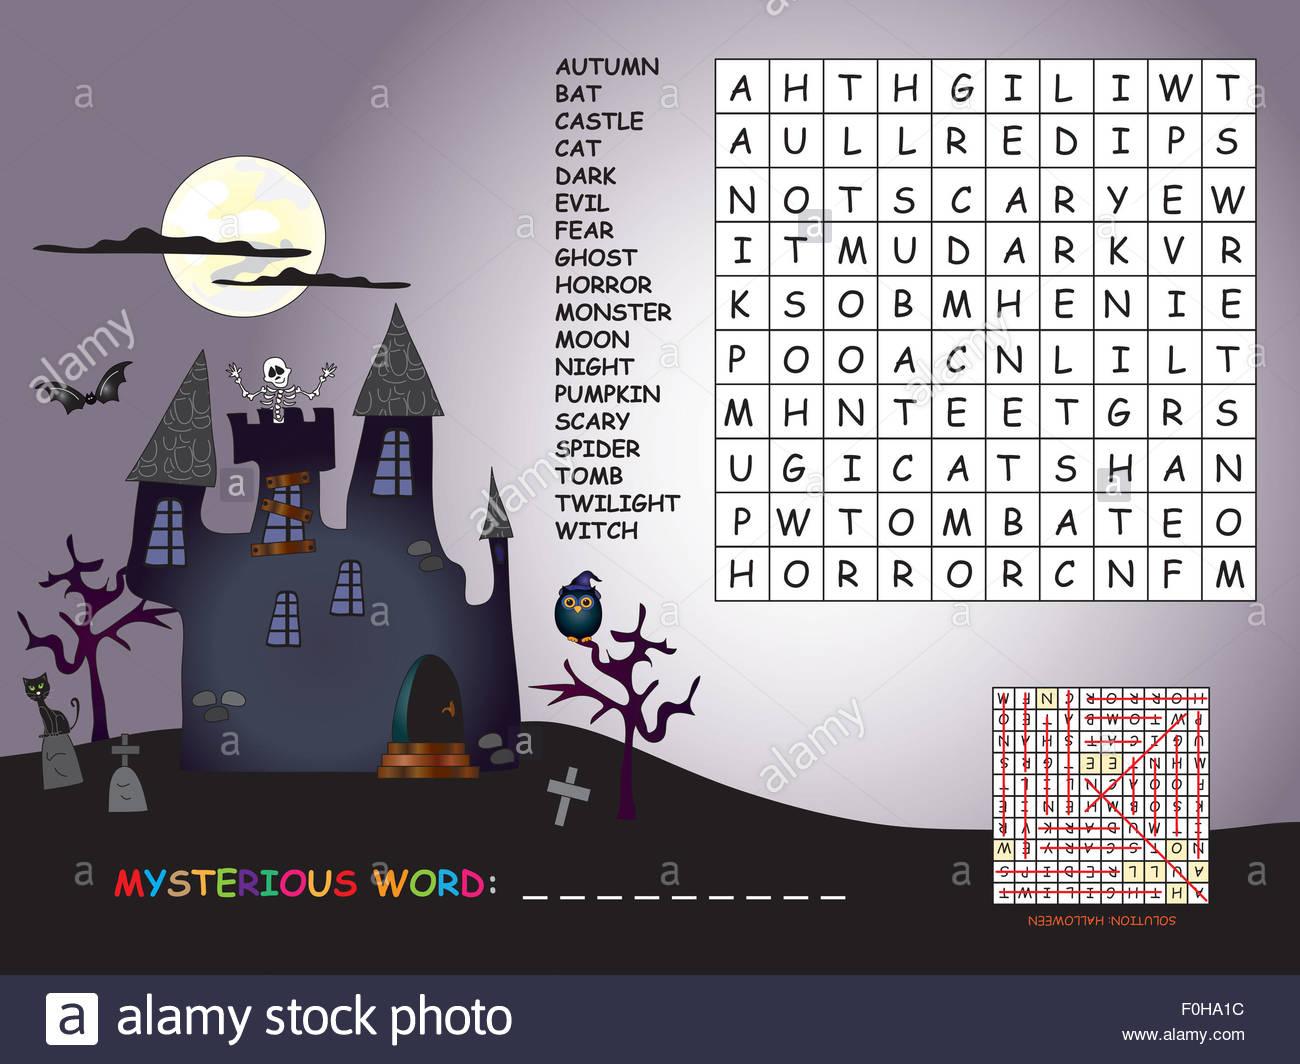 Jeu Pour Les Enfants Pour Halloween : Chercher Tous Les Mots tout Jeux De Mots A Chercher